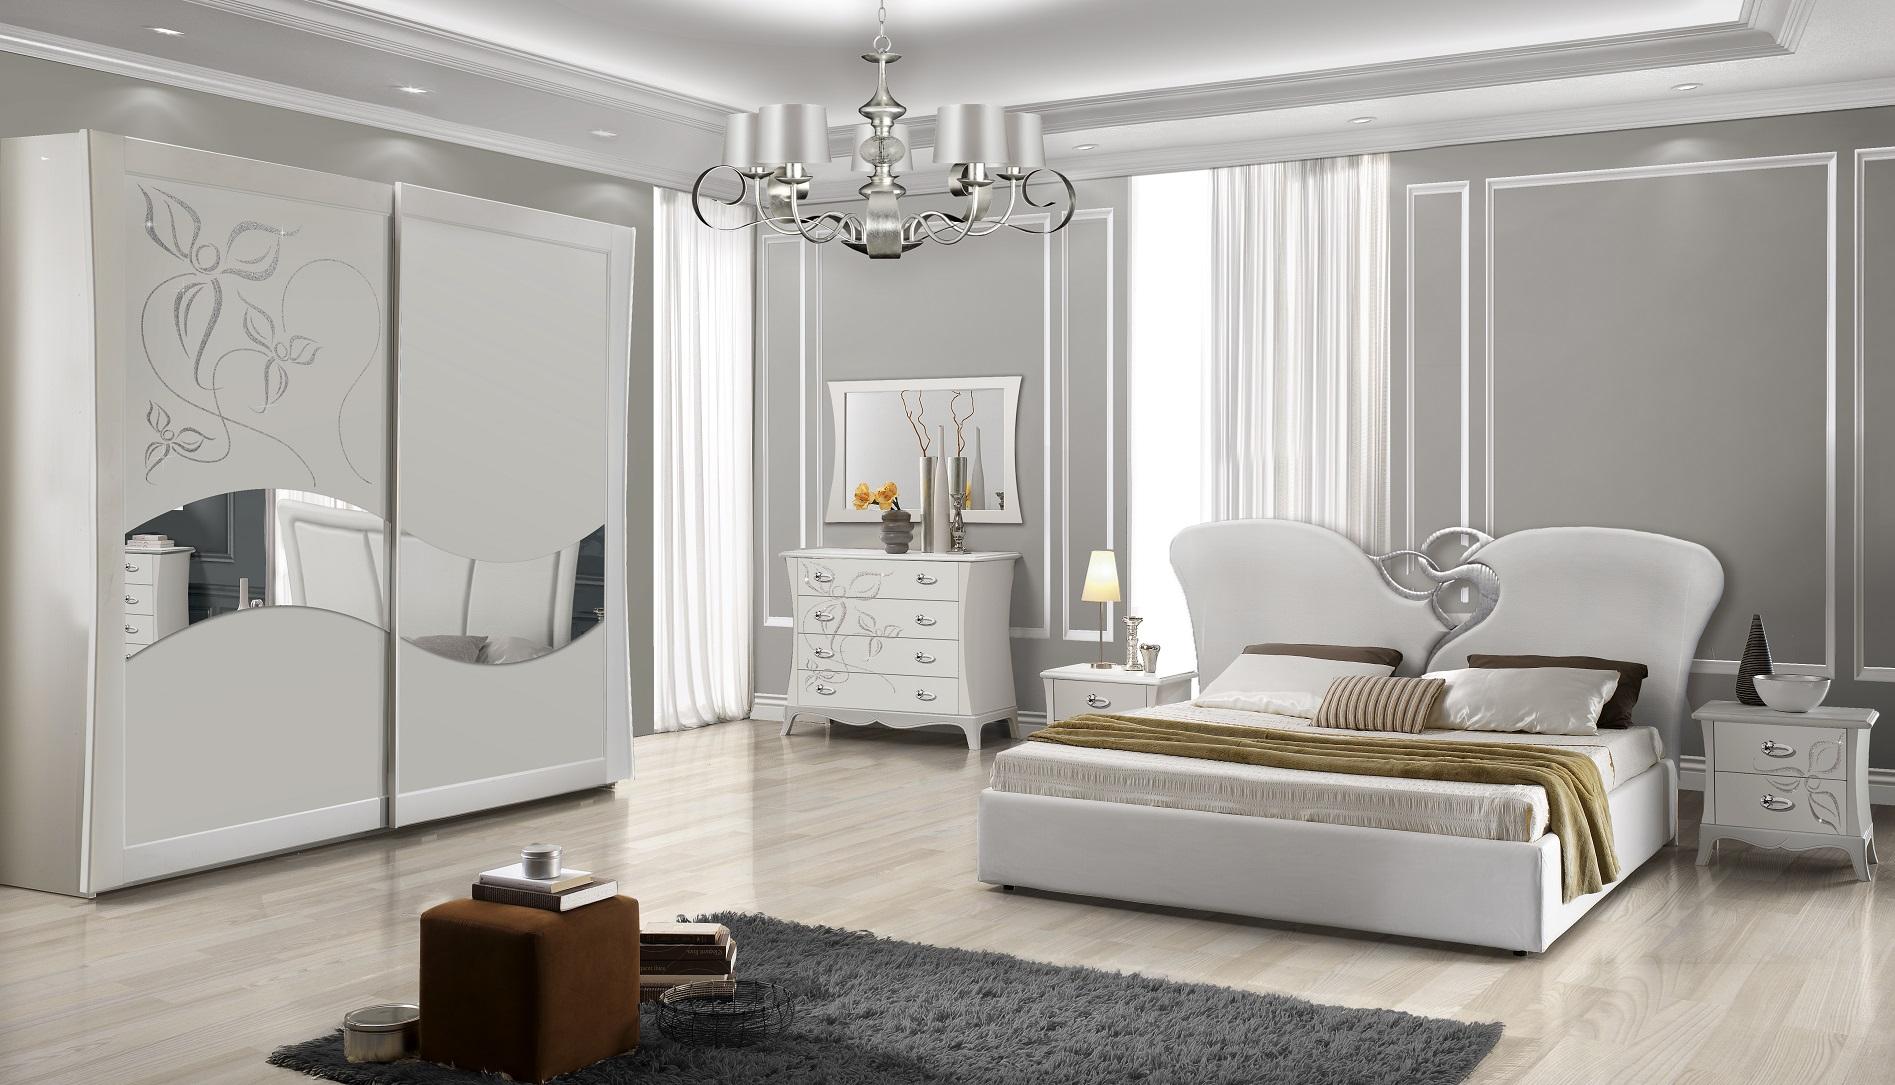 AuBergewohnlich Schlafzimmer Set Mery In Weiß Luxus Design 1 ...